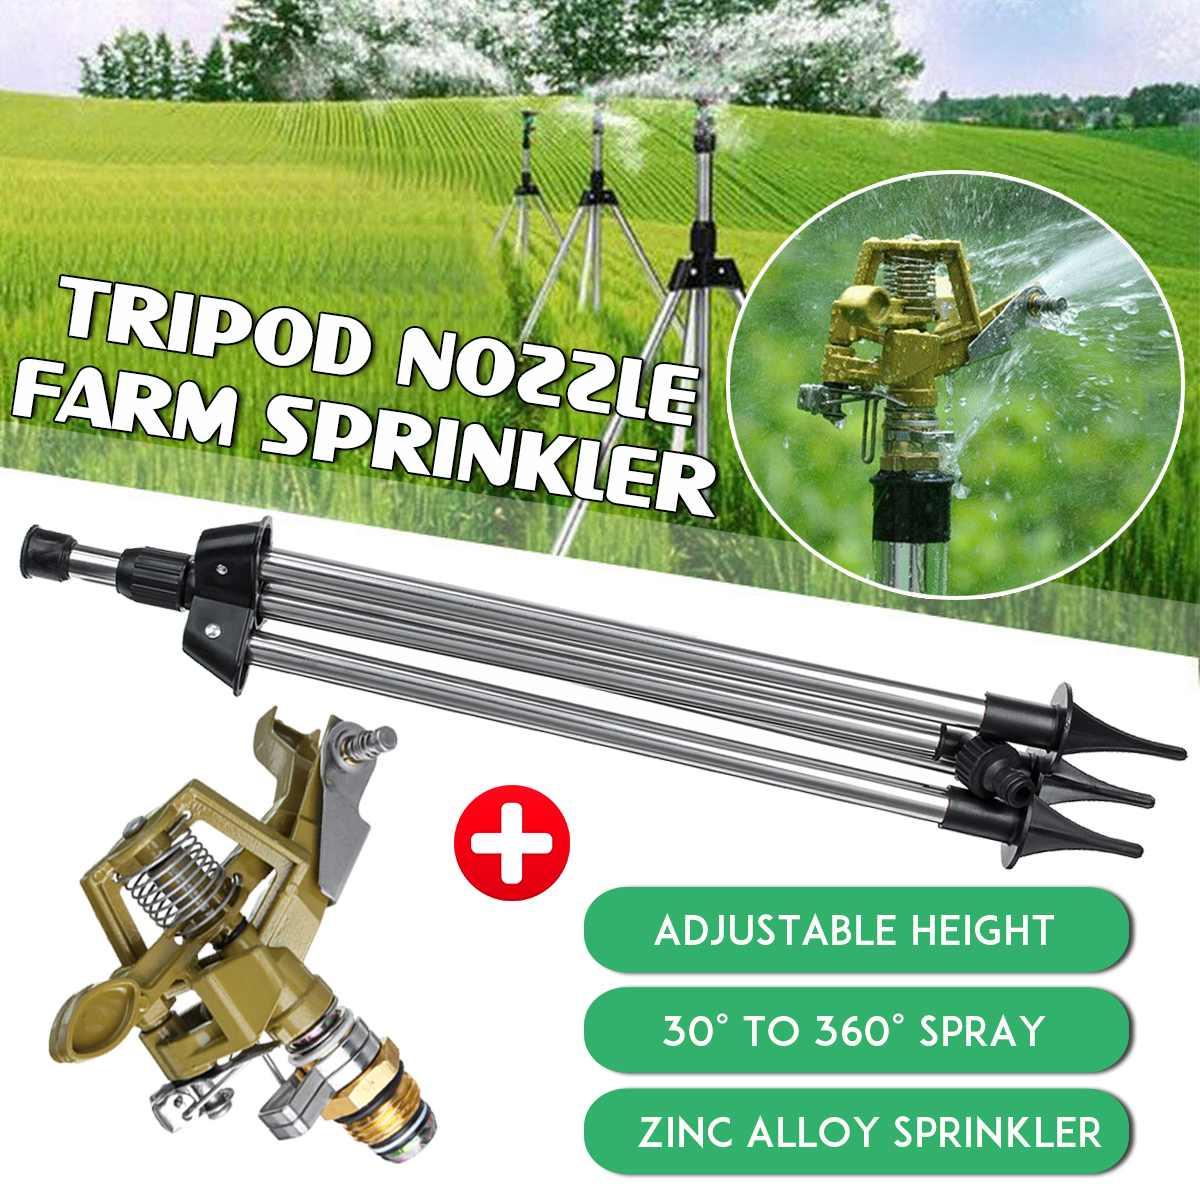 Garten Bewässerung System Edelstahl Stativ Auswirkungen Sprinkler Garten Kit für Ackerland Bewässerung System 360 grad Runde